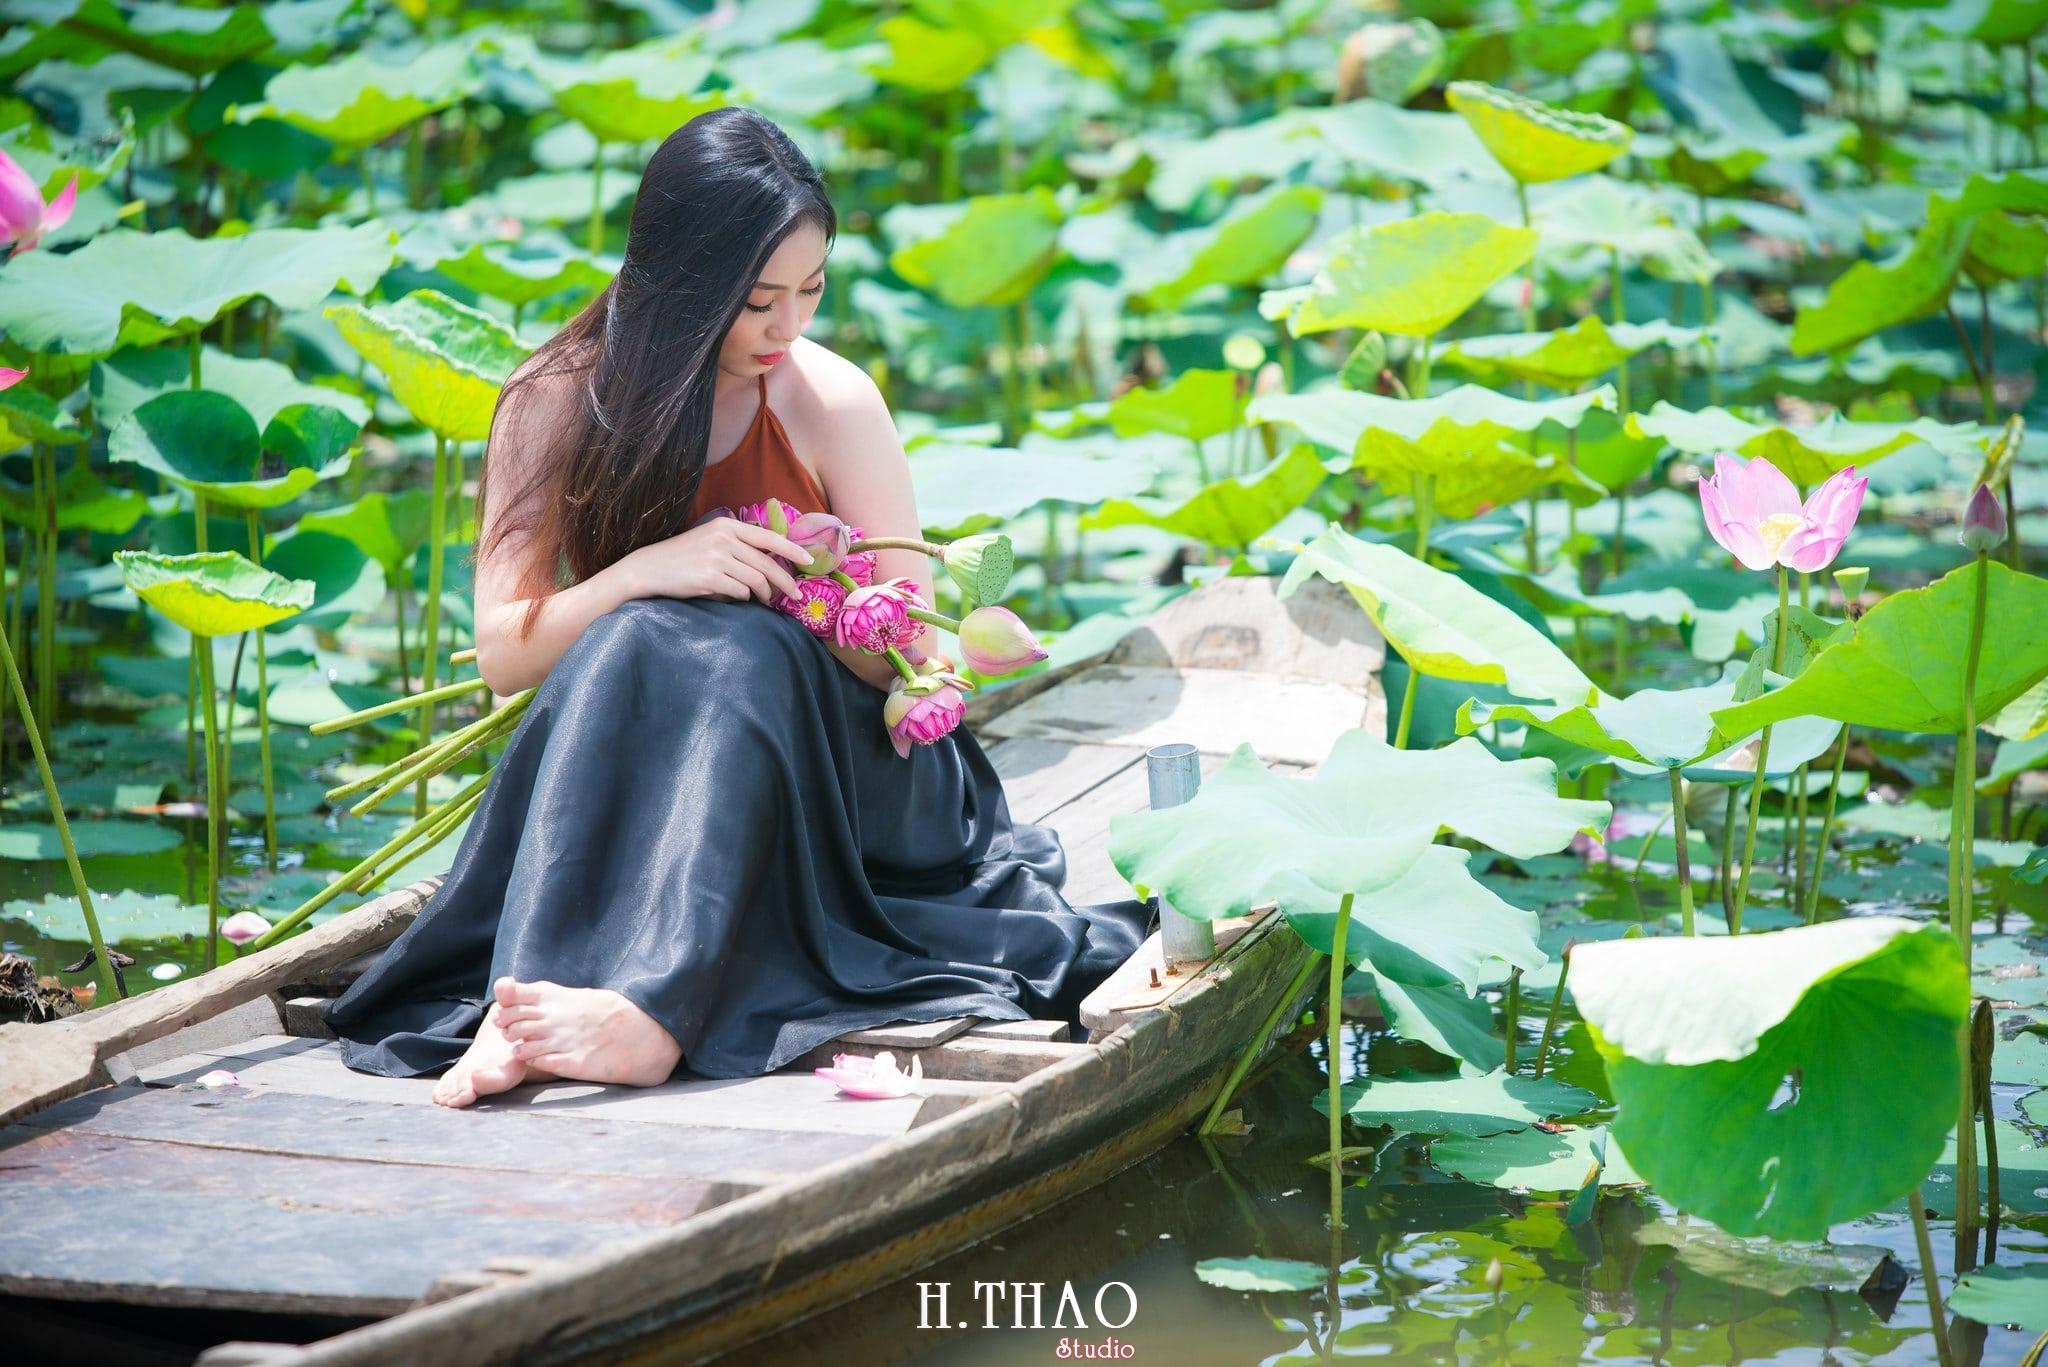 ao yem hoa sen 4 - Album ảnh chụp áo yếm với hoa sen đẹp dịu dàng - HThao Studio